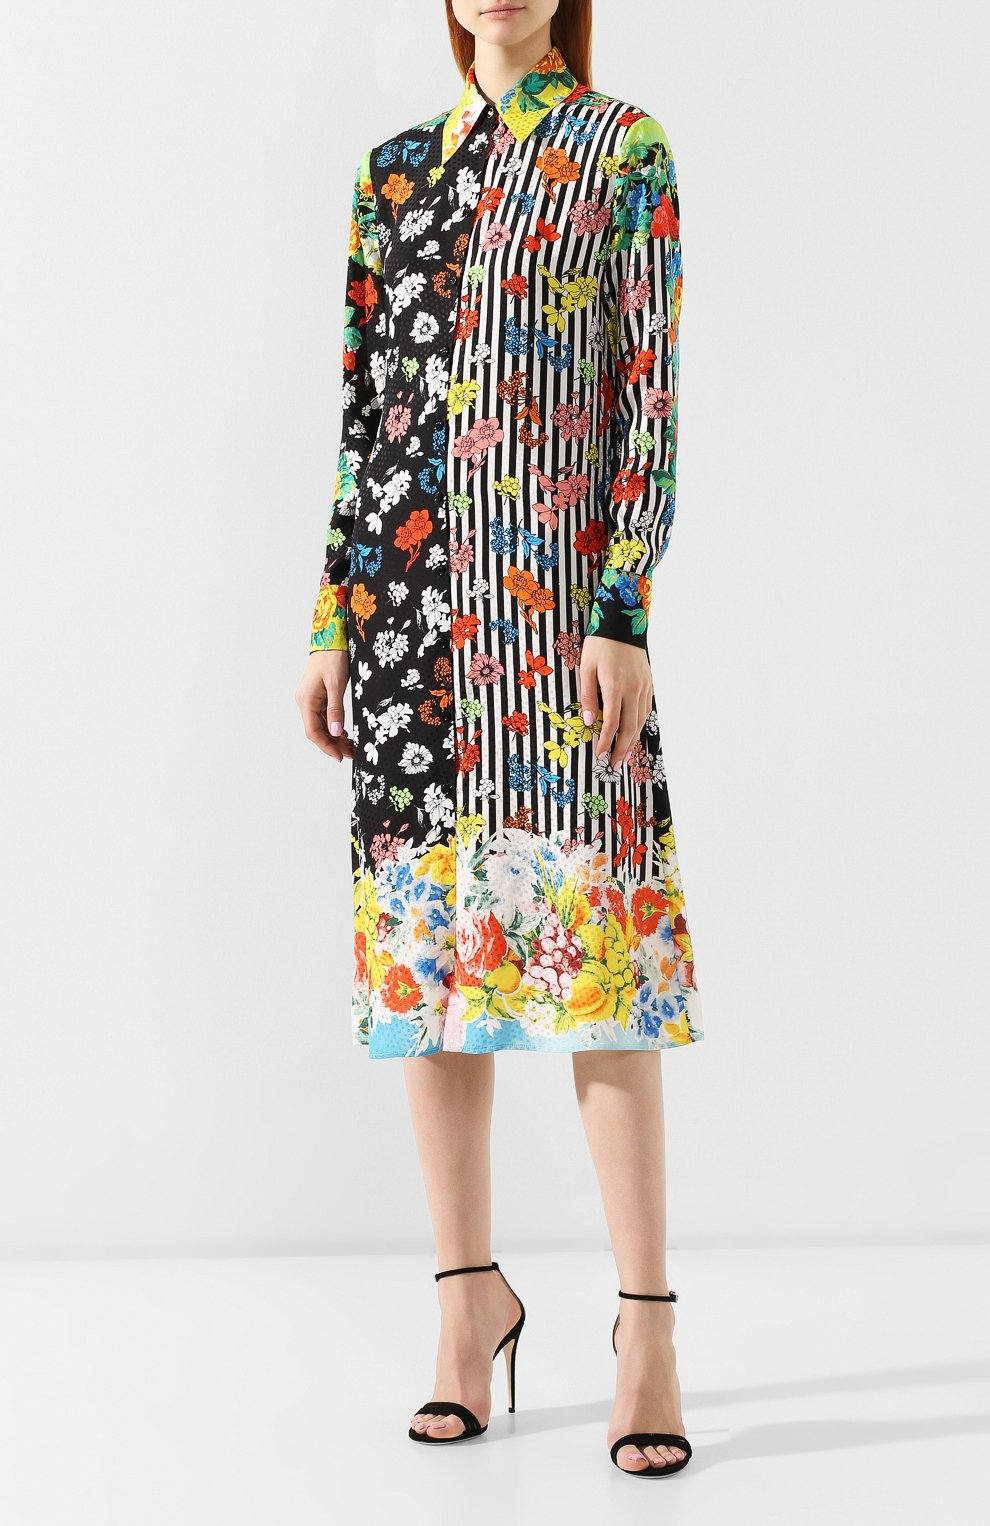 Шелковое платье Versace разноцветное   Фото №3